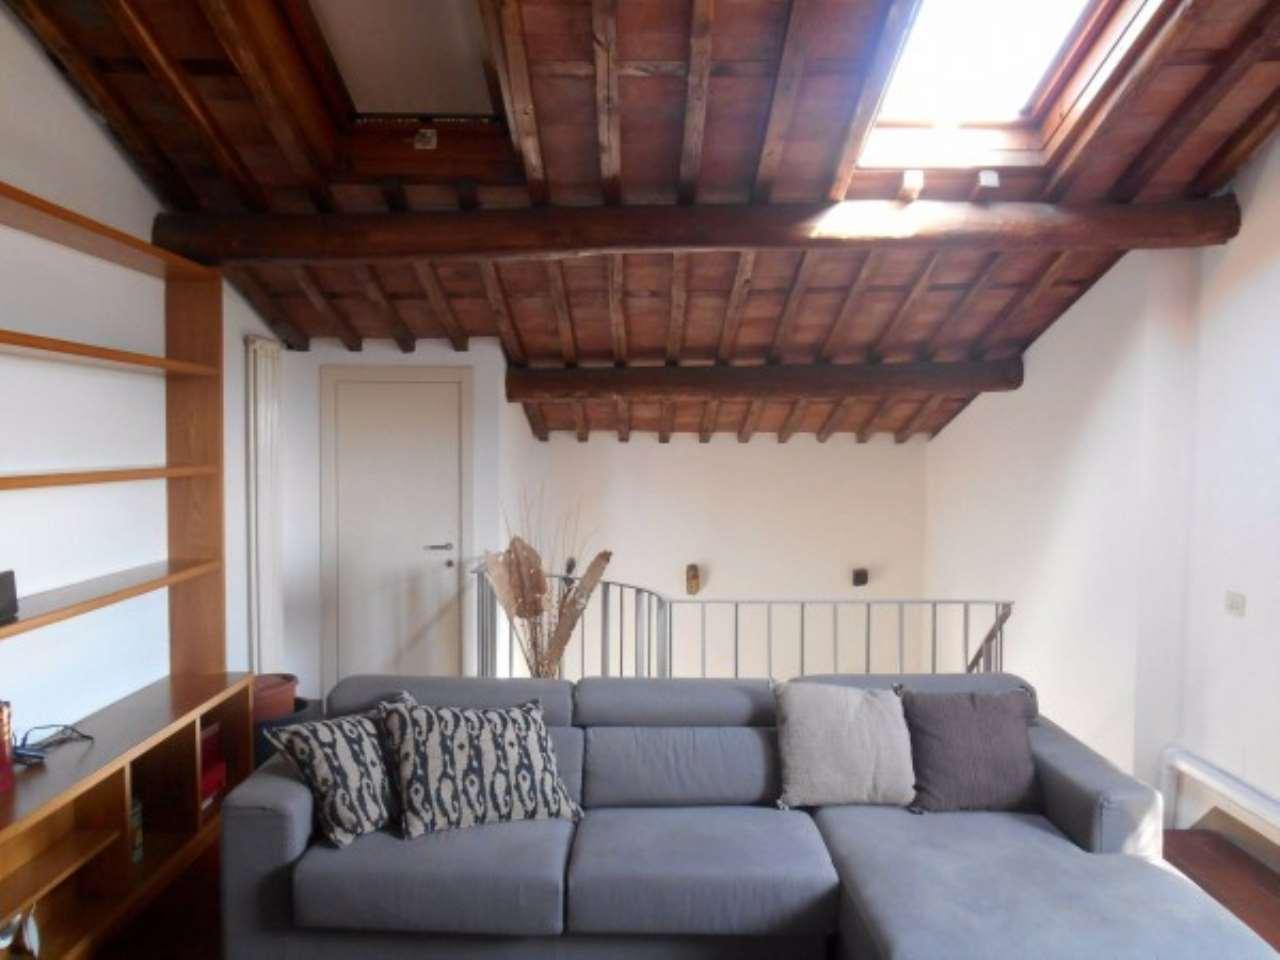 Attico / Mansarda in affitto a Lucca, 4 locali, prezzo € 1.200 | Cambio Casa.it